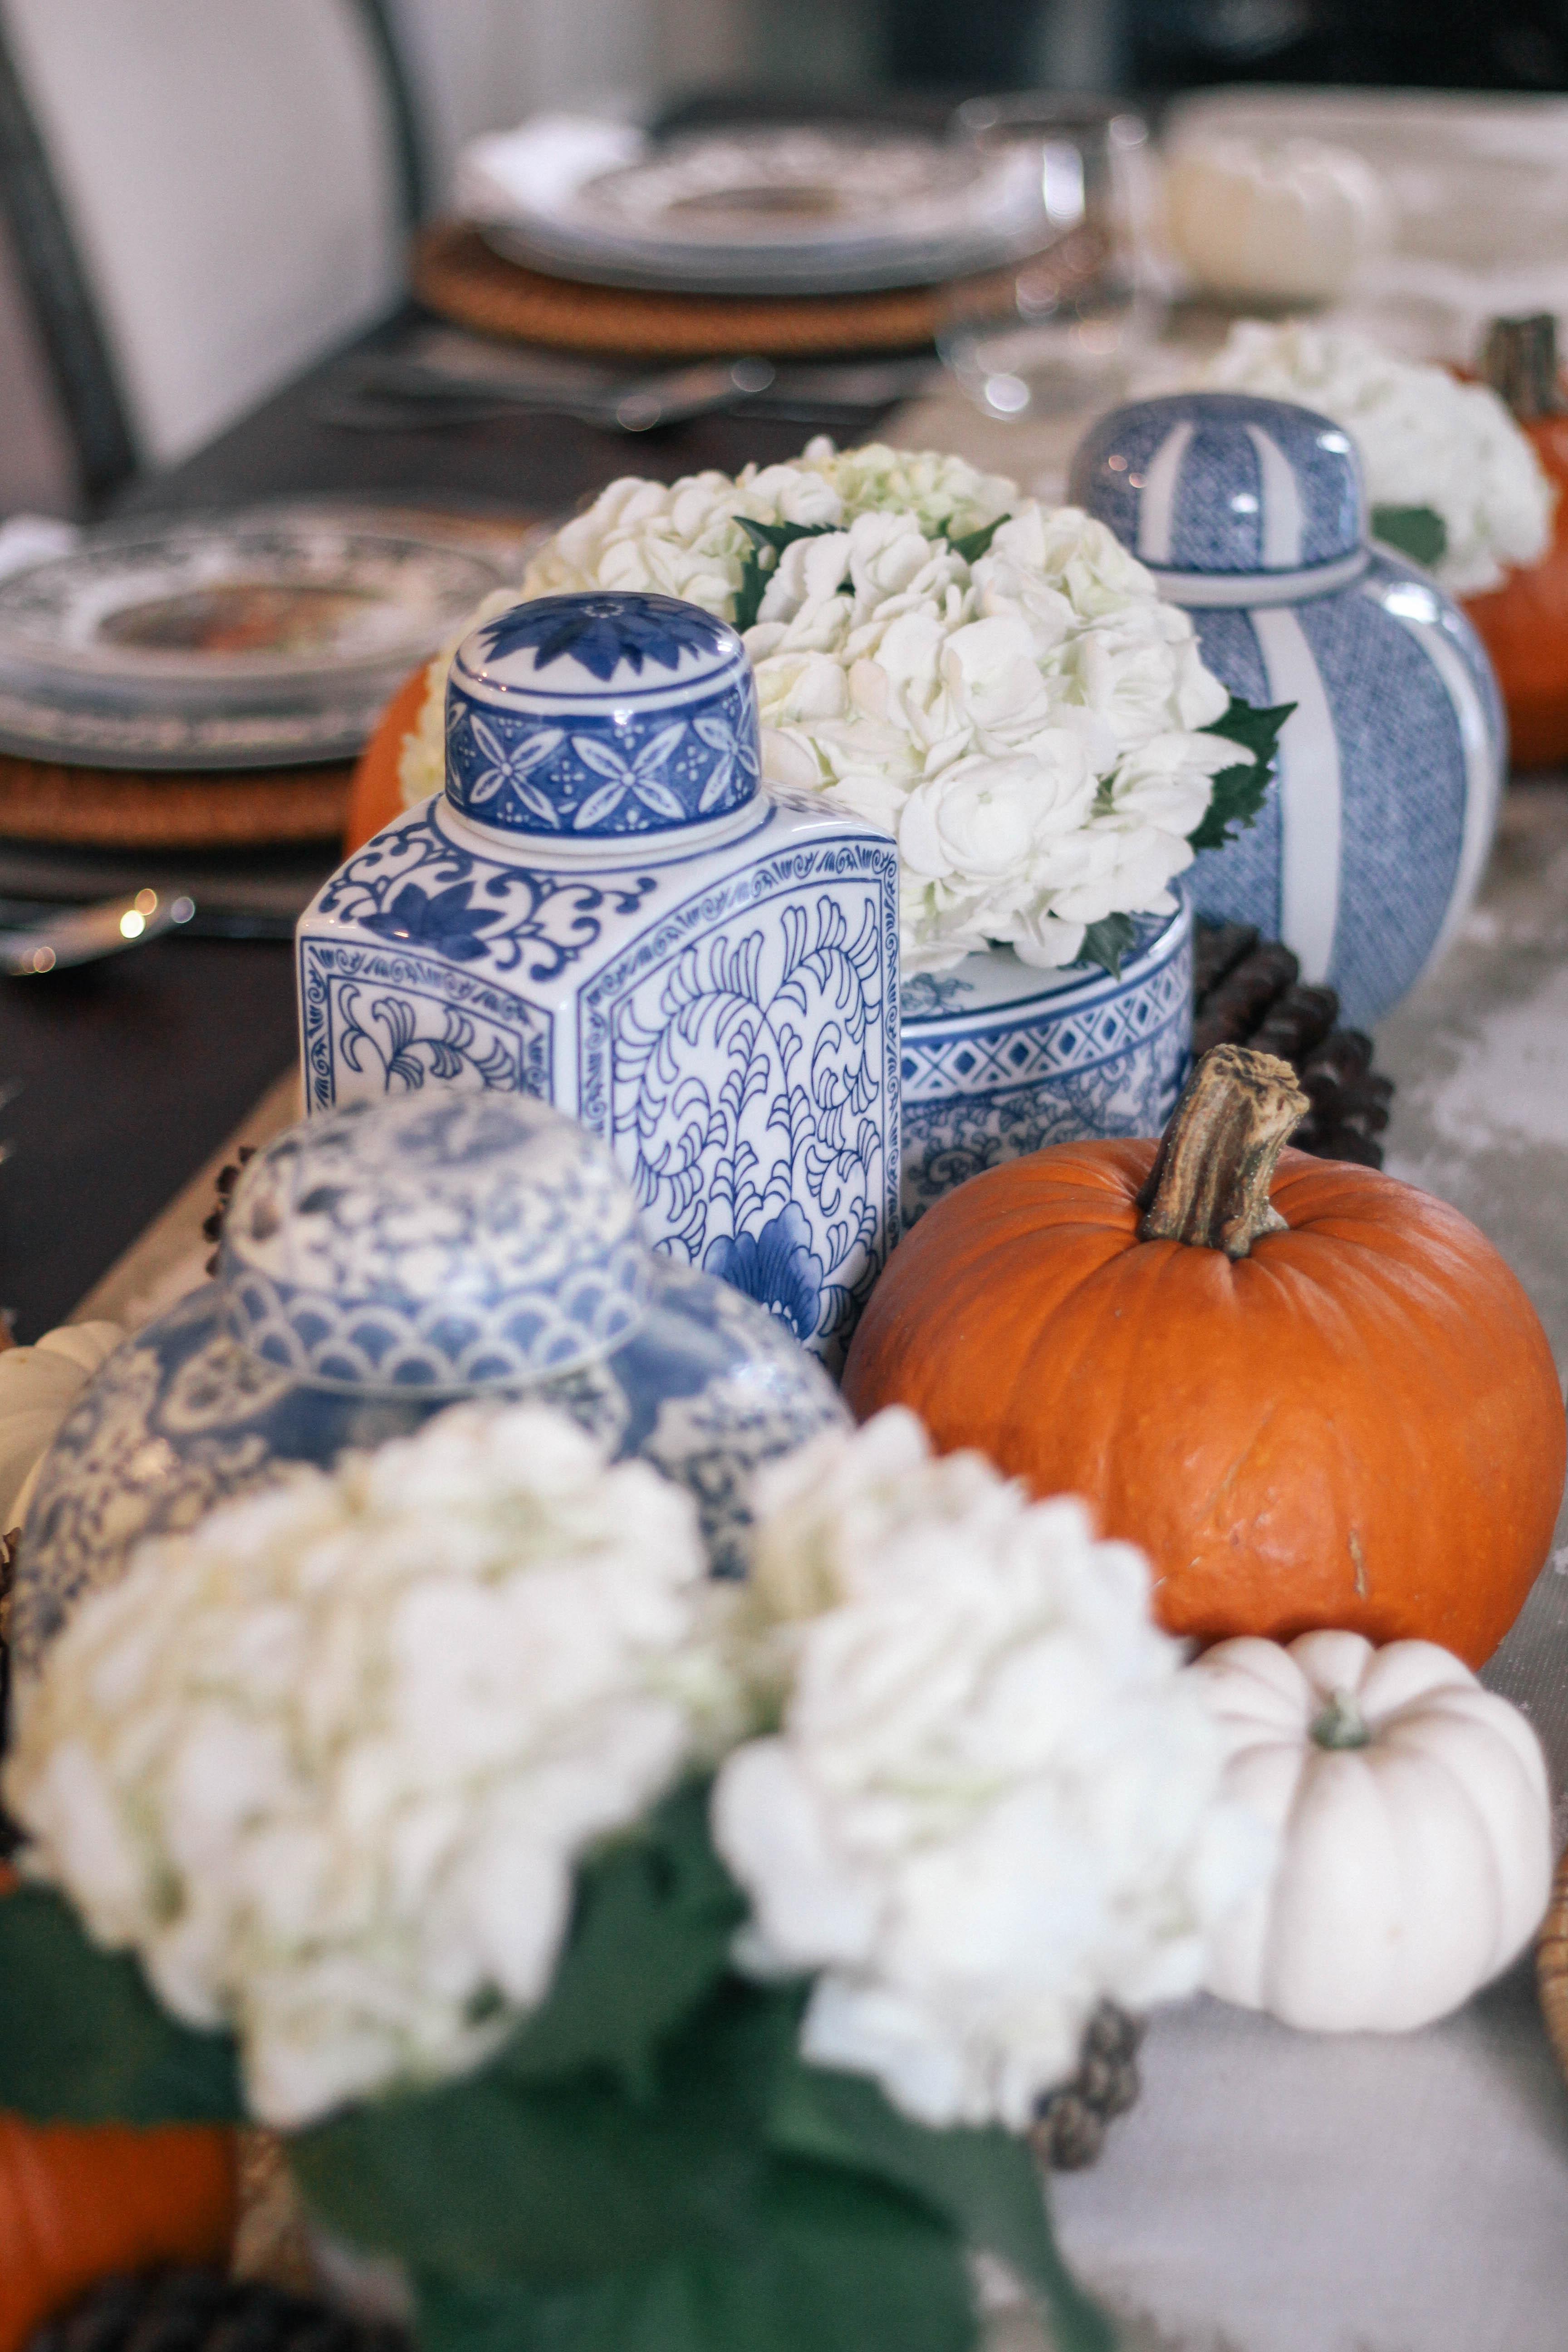 Thanksgiving-Tablescape-Ginger-Jars-Pumpkins-Blue-White-Orange-2